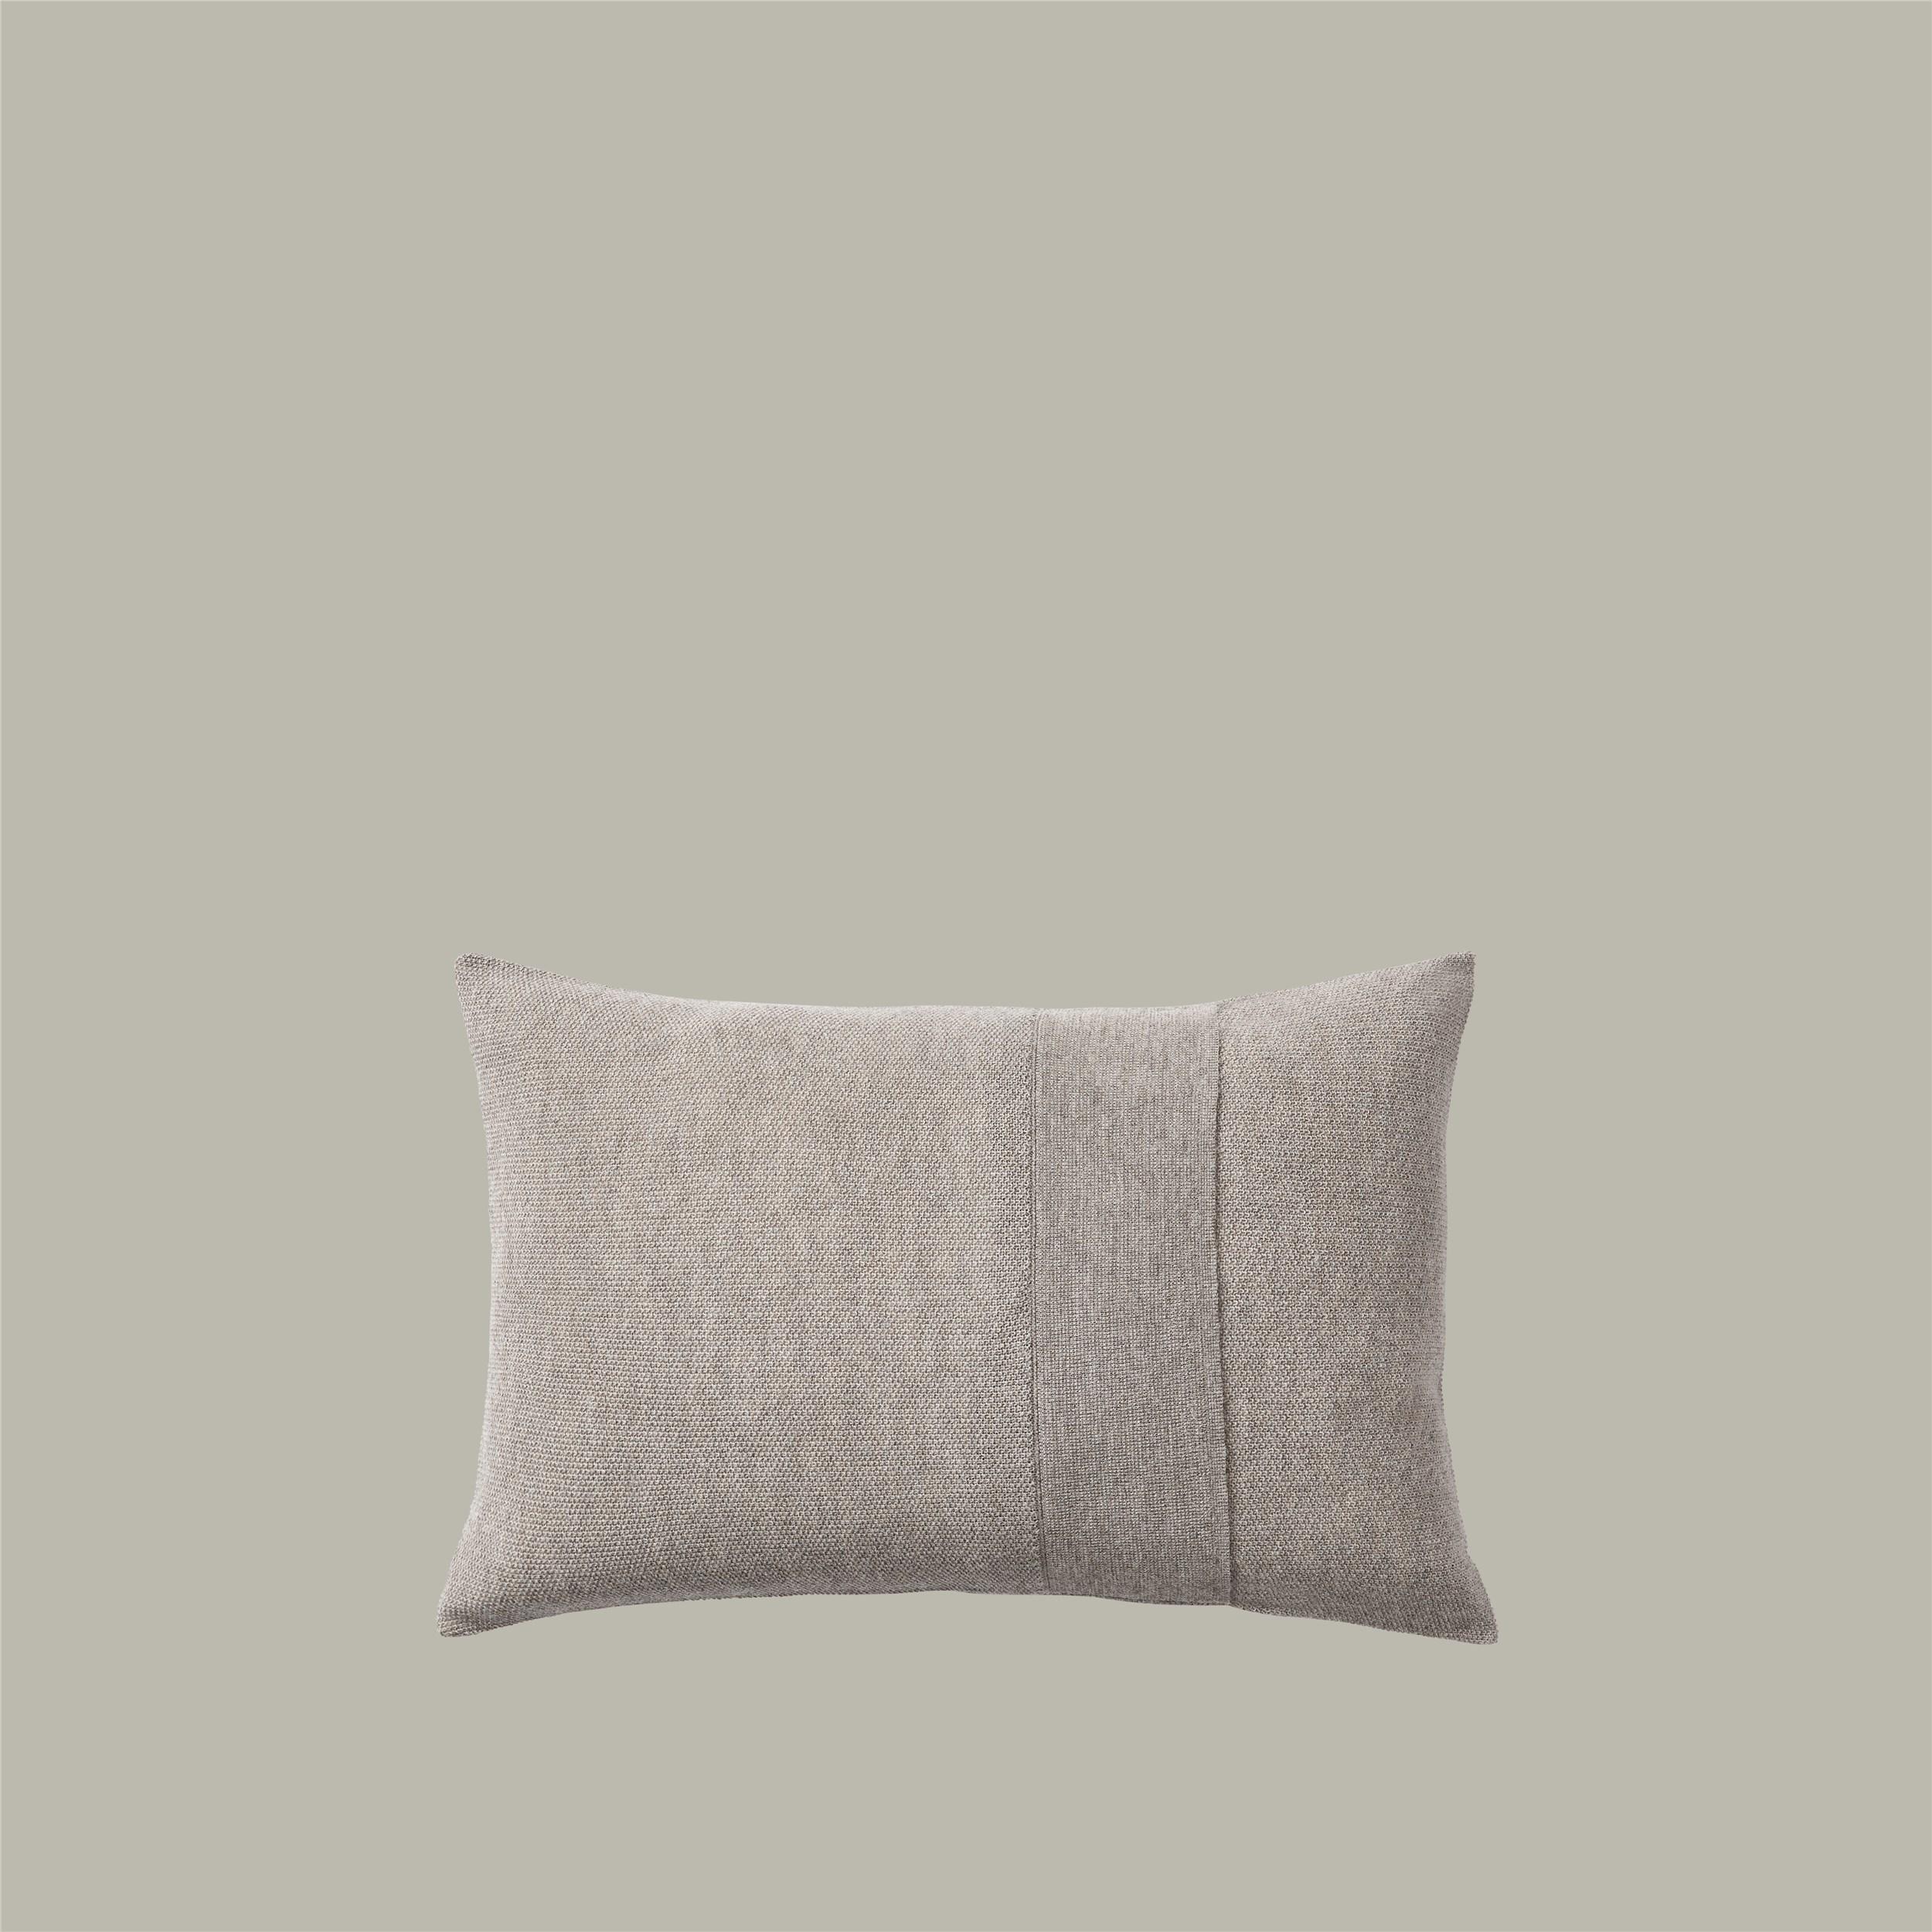 Layer Cushion 40x60 sand grey